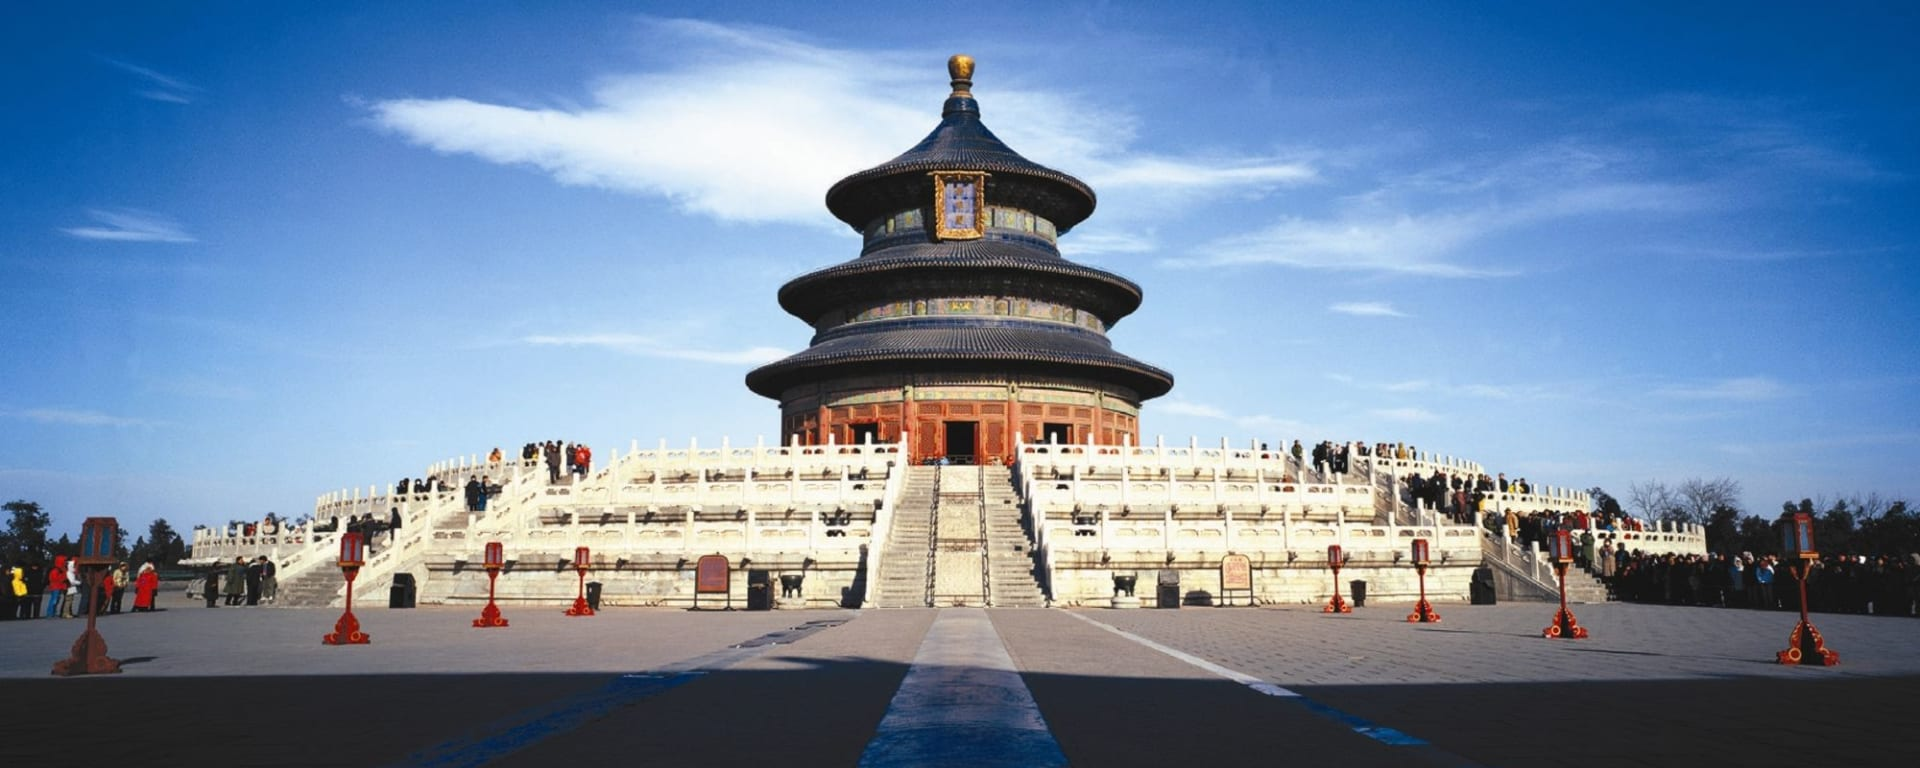 La Chine pour les fins connaisseurs avec une croisière de luxe sur le Yangtze de Pékin: Beijing Temple of Heaven